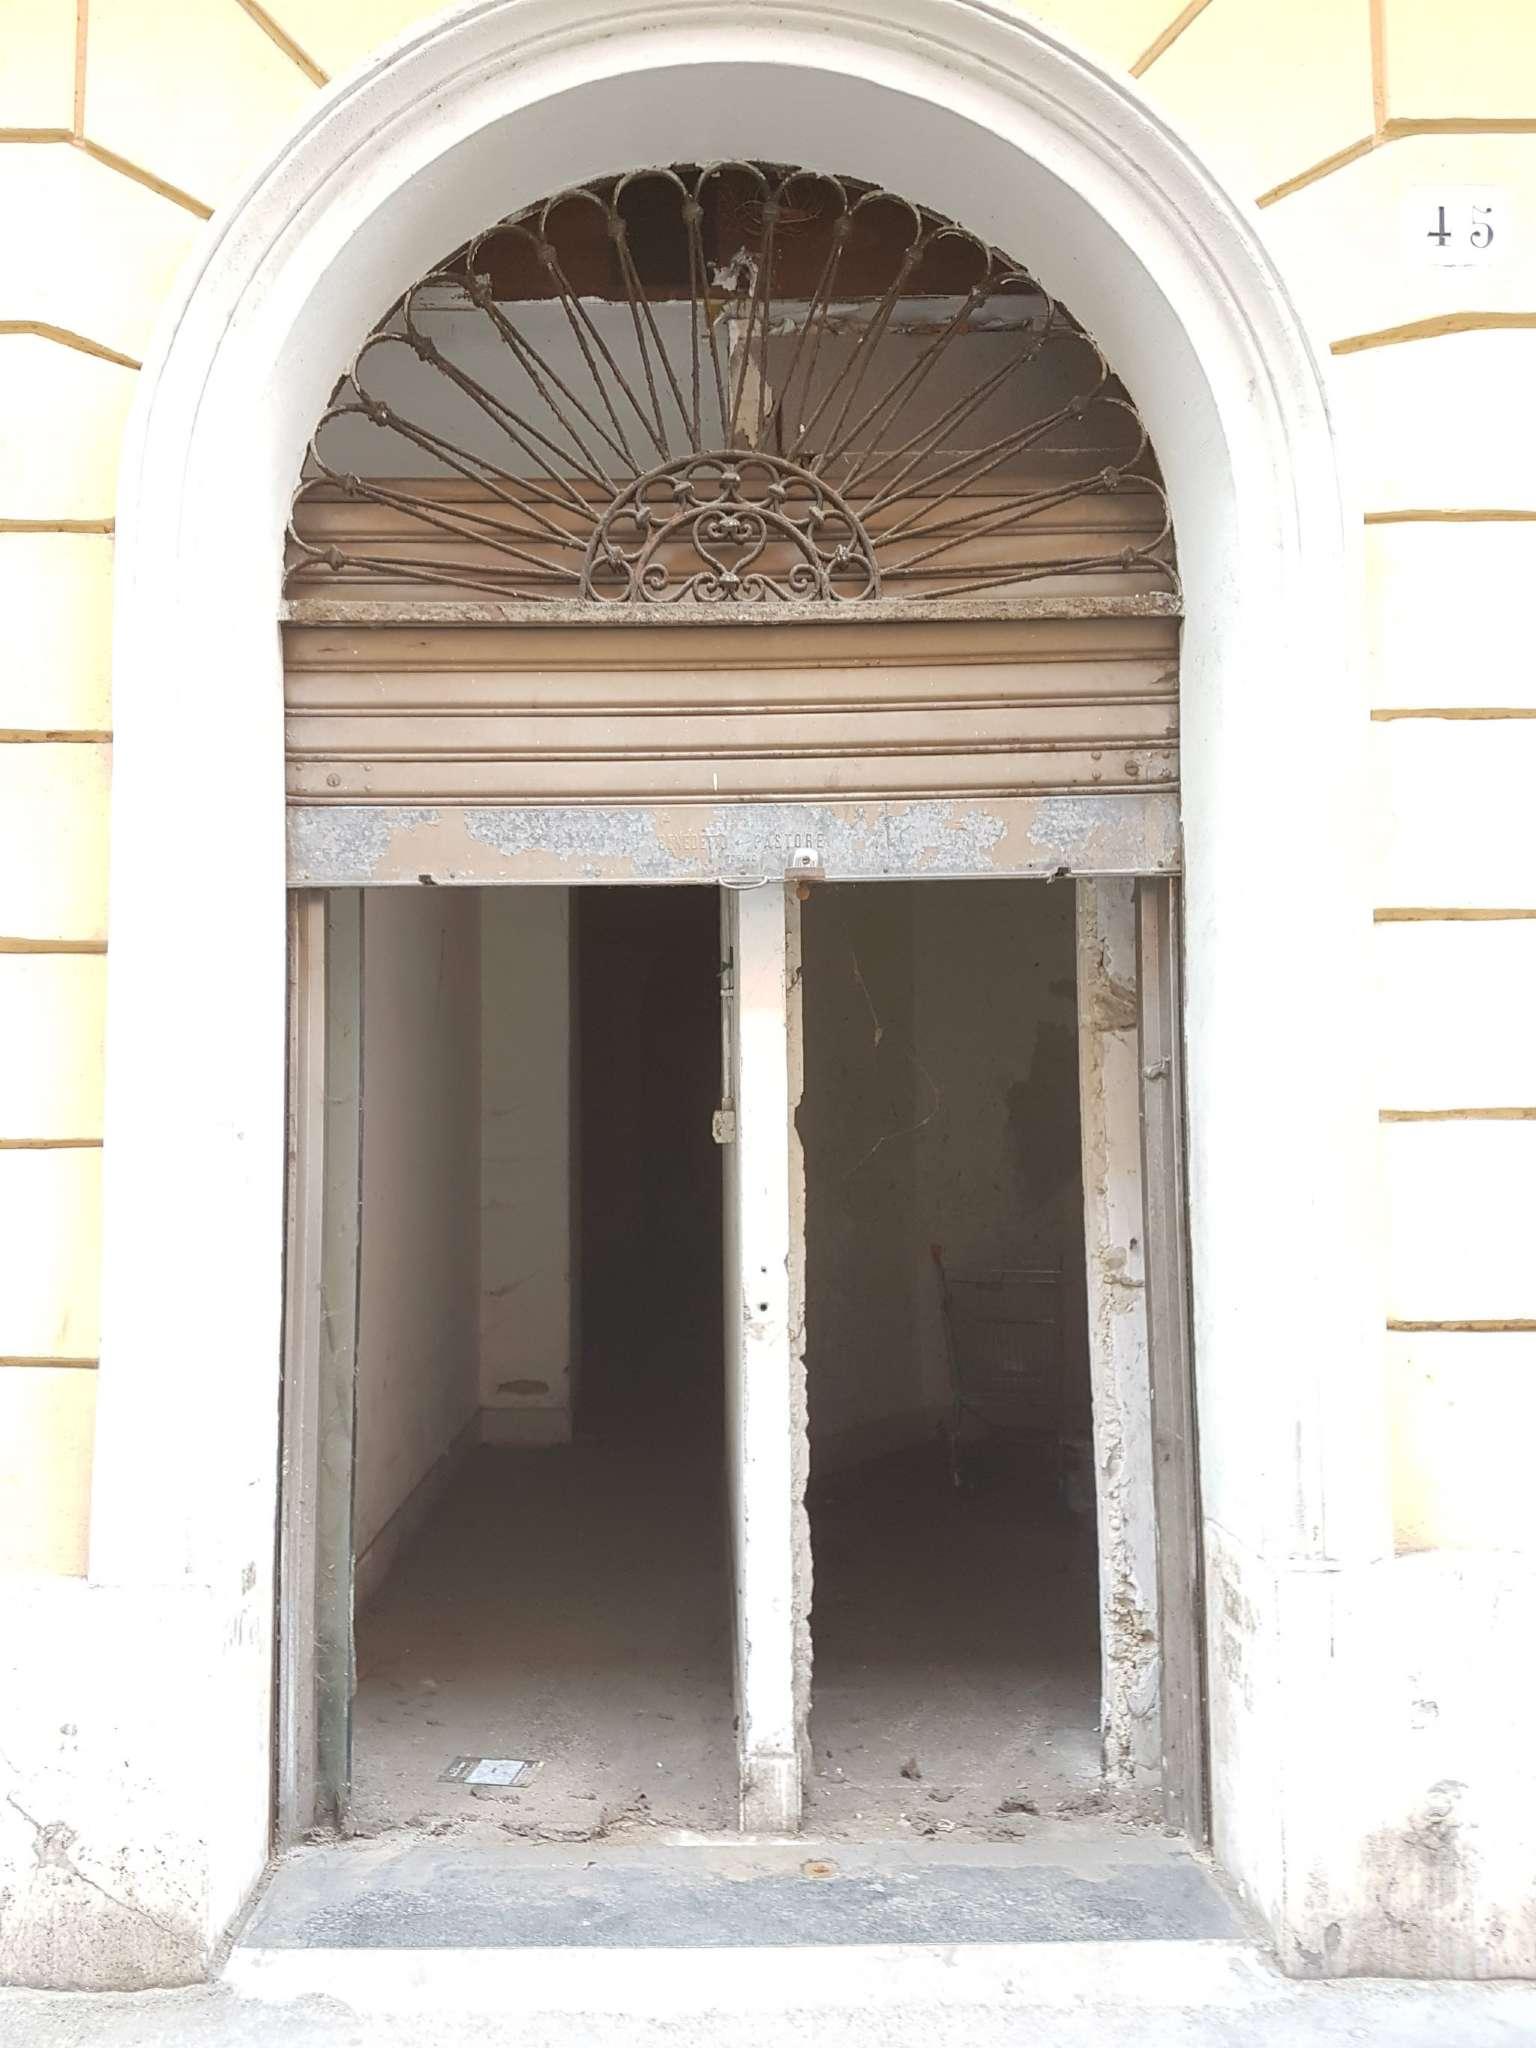 Negozio / Locale in vendita a Roma, 1 locali, zona Zona: 3 . Trieste - Somalia - Salario, prezzo € 350.000 | CambioCasa.it